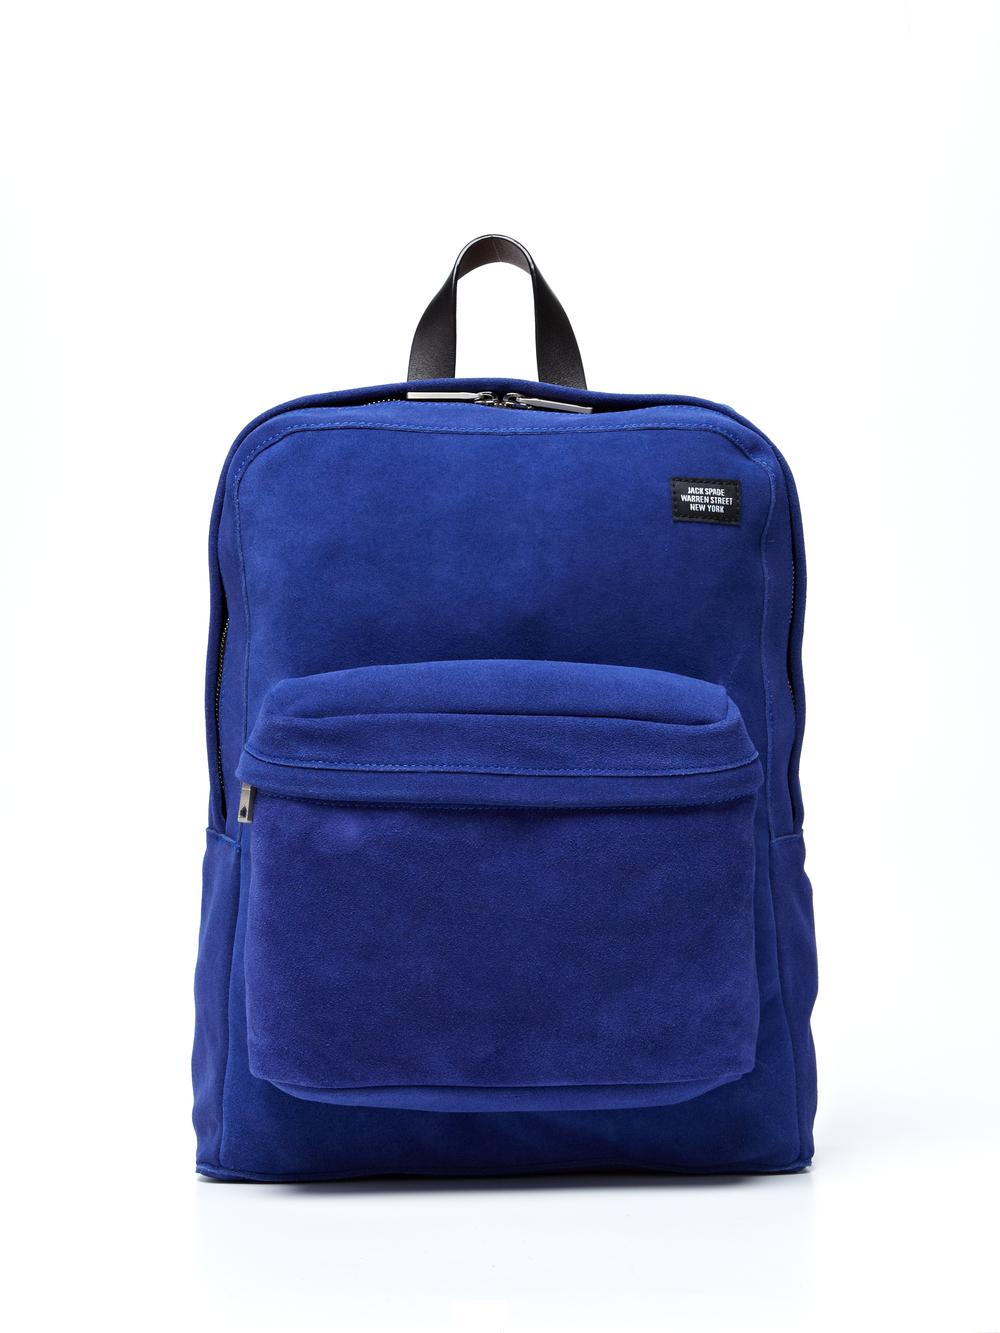 Backpack_FRONT_150.jpg